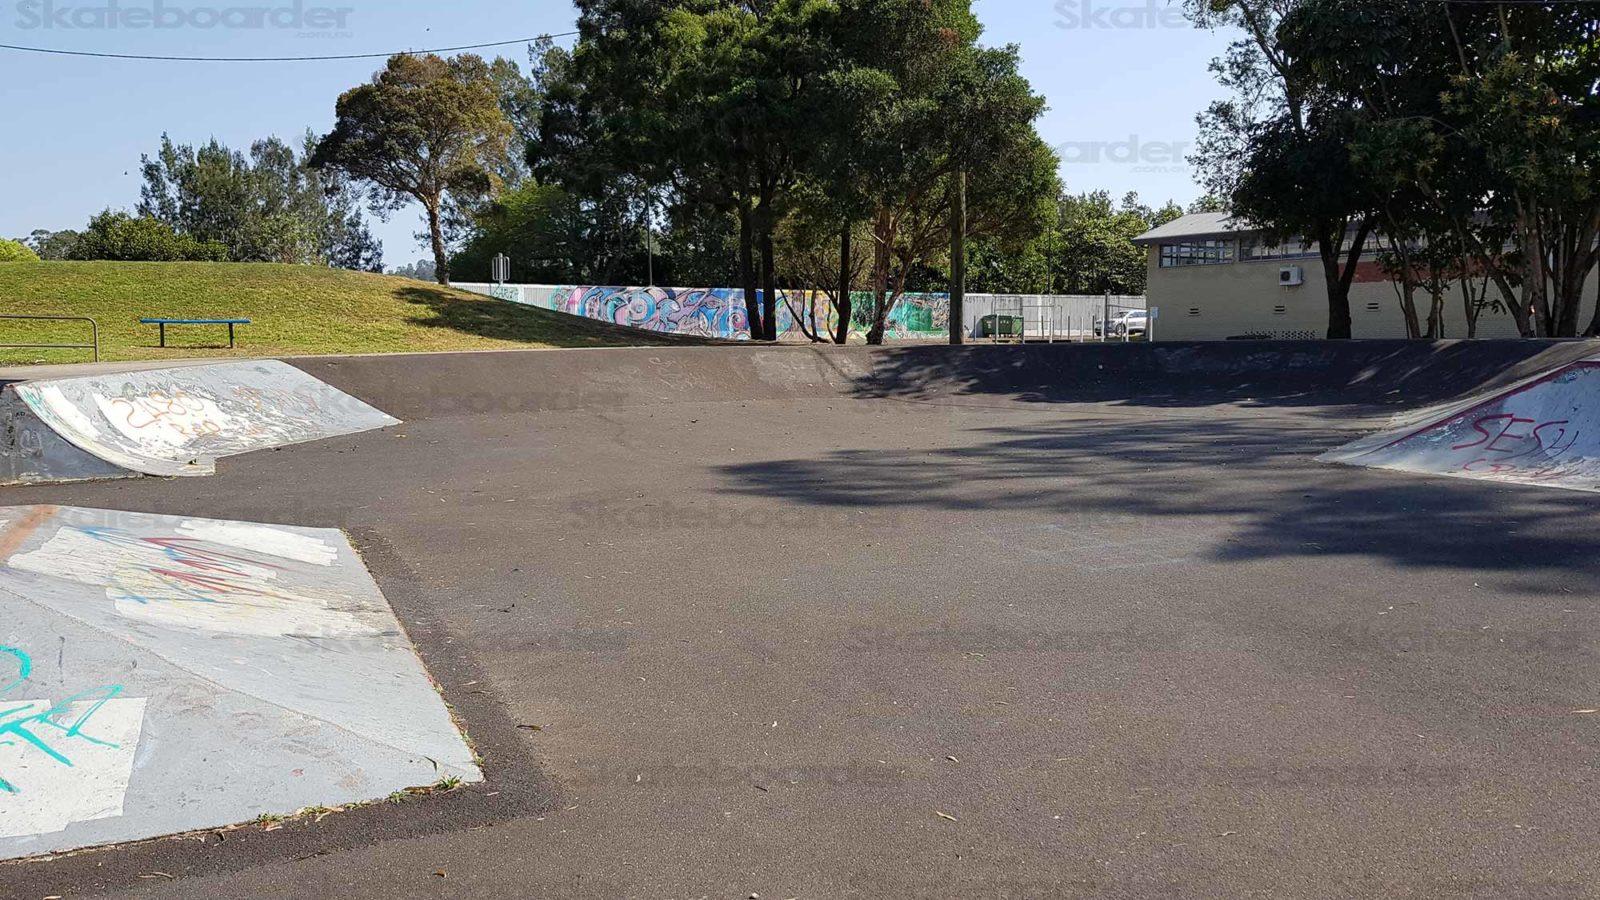 Lismore Skate Park open bowl